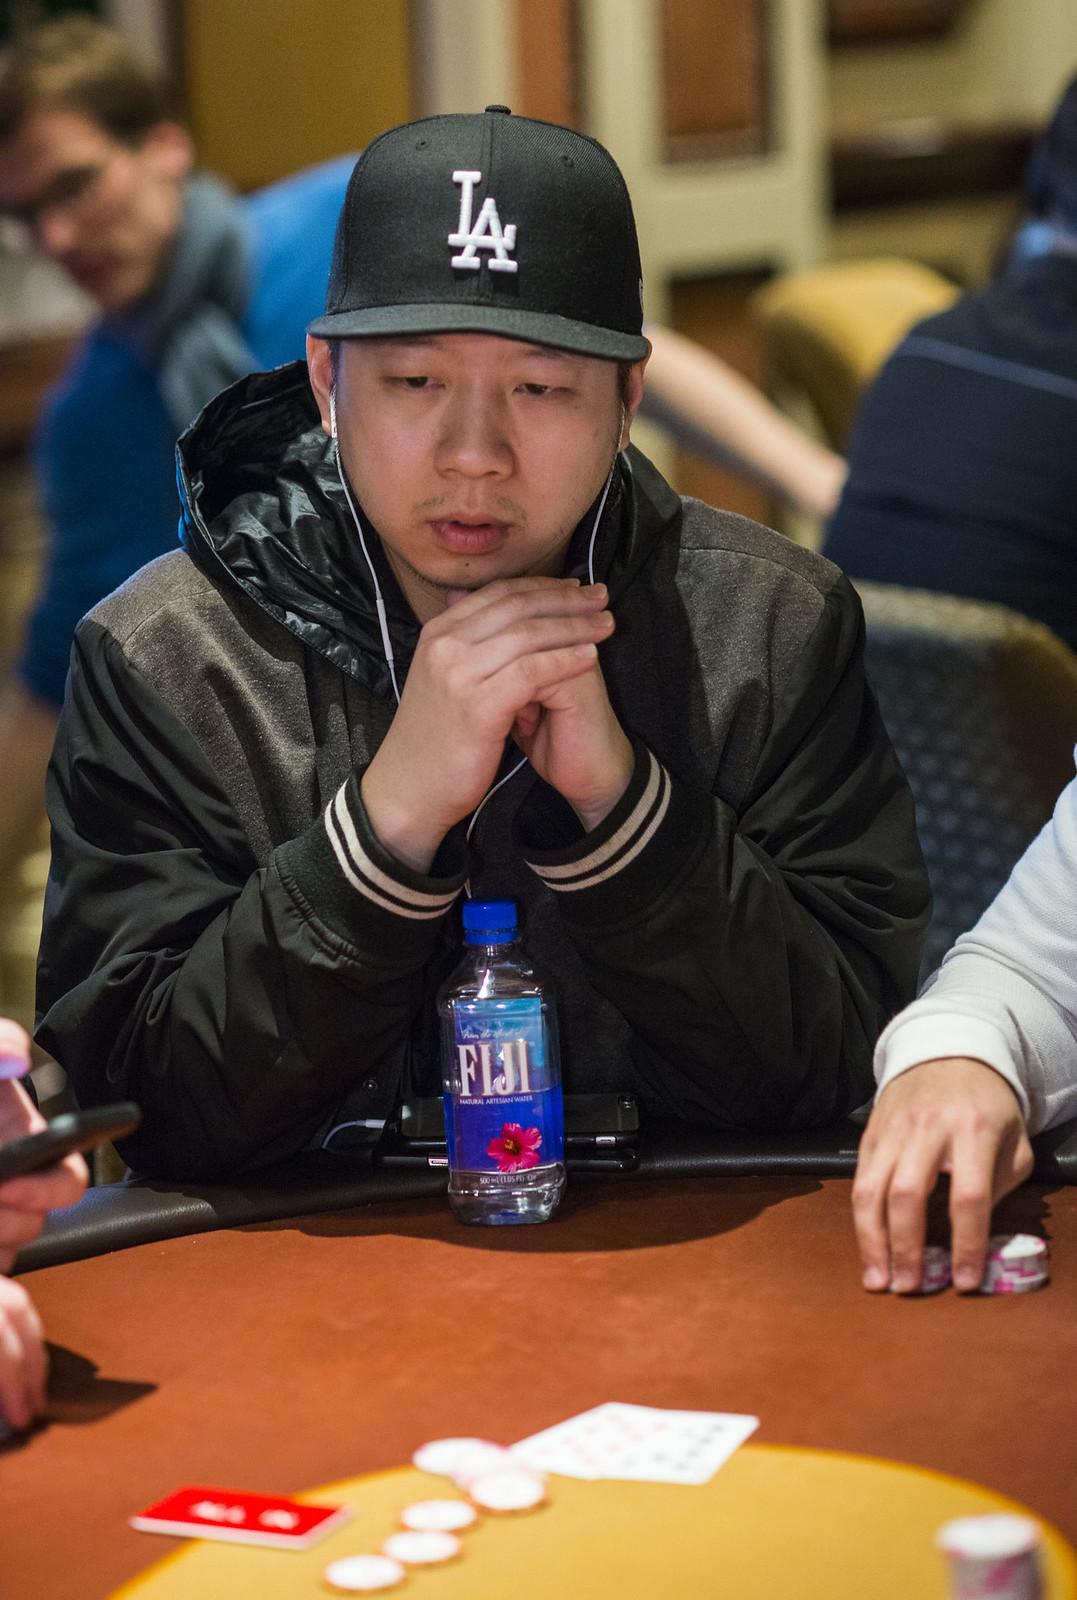 Danny wong poker poker spielen online kostenlos